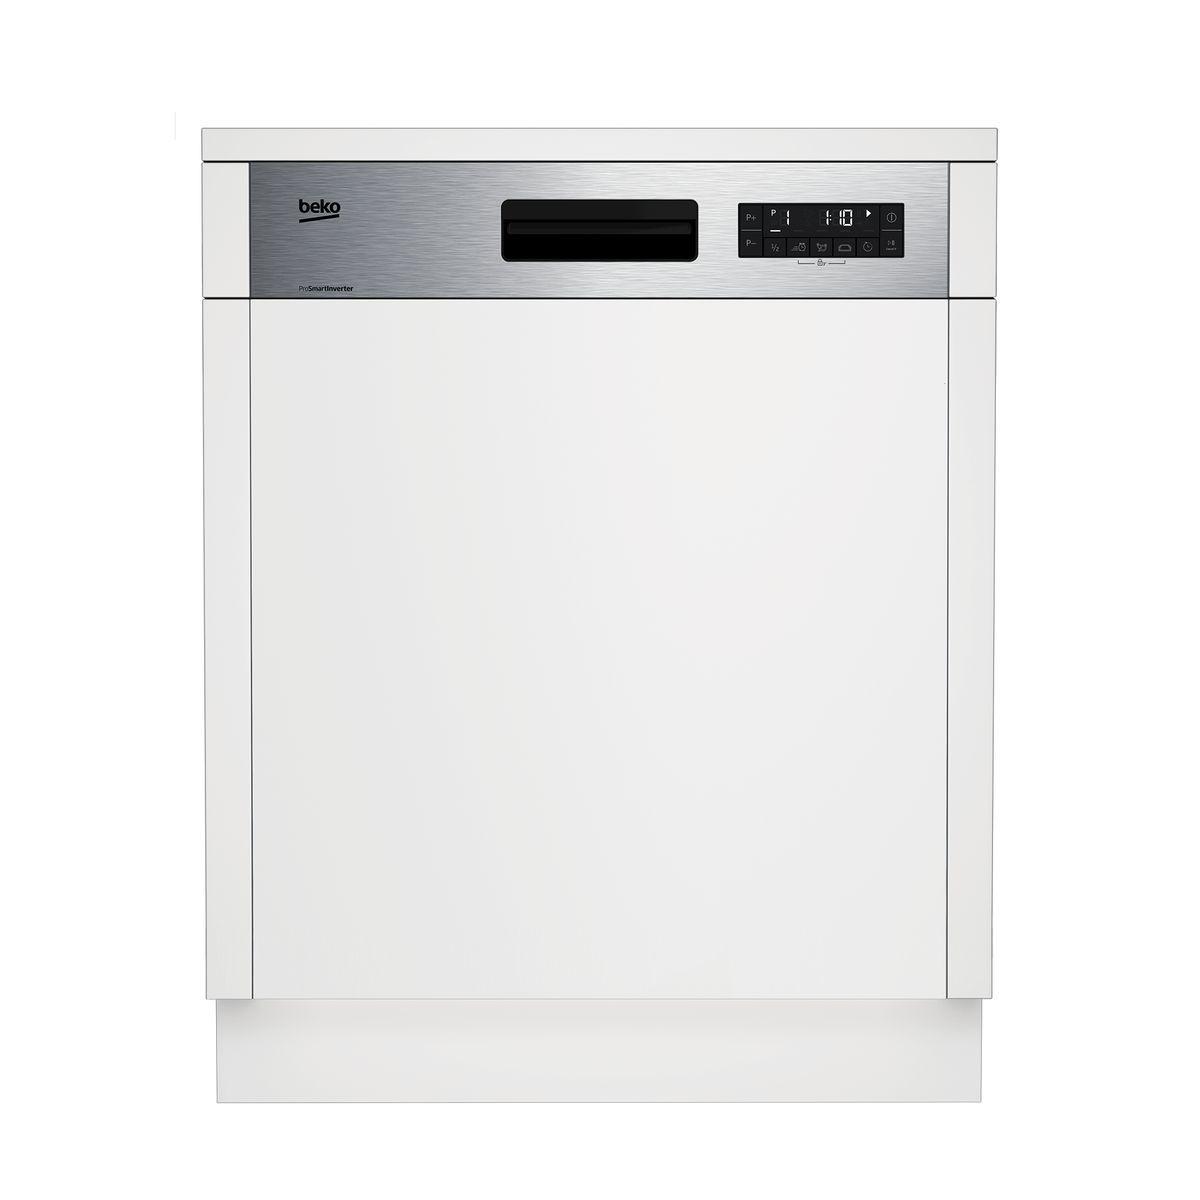 Lave vaisselle intégrable DSN26420X, 14 couverts, 60 cm, 46 dB, 6 programmes